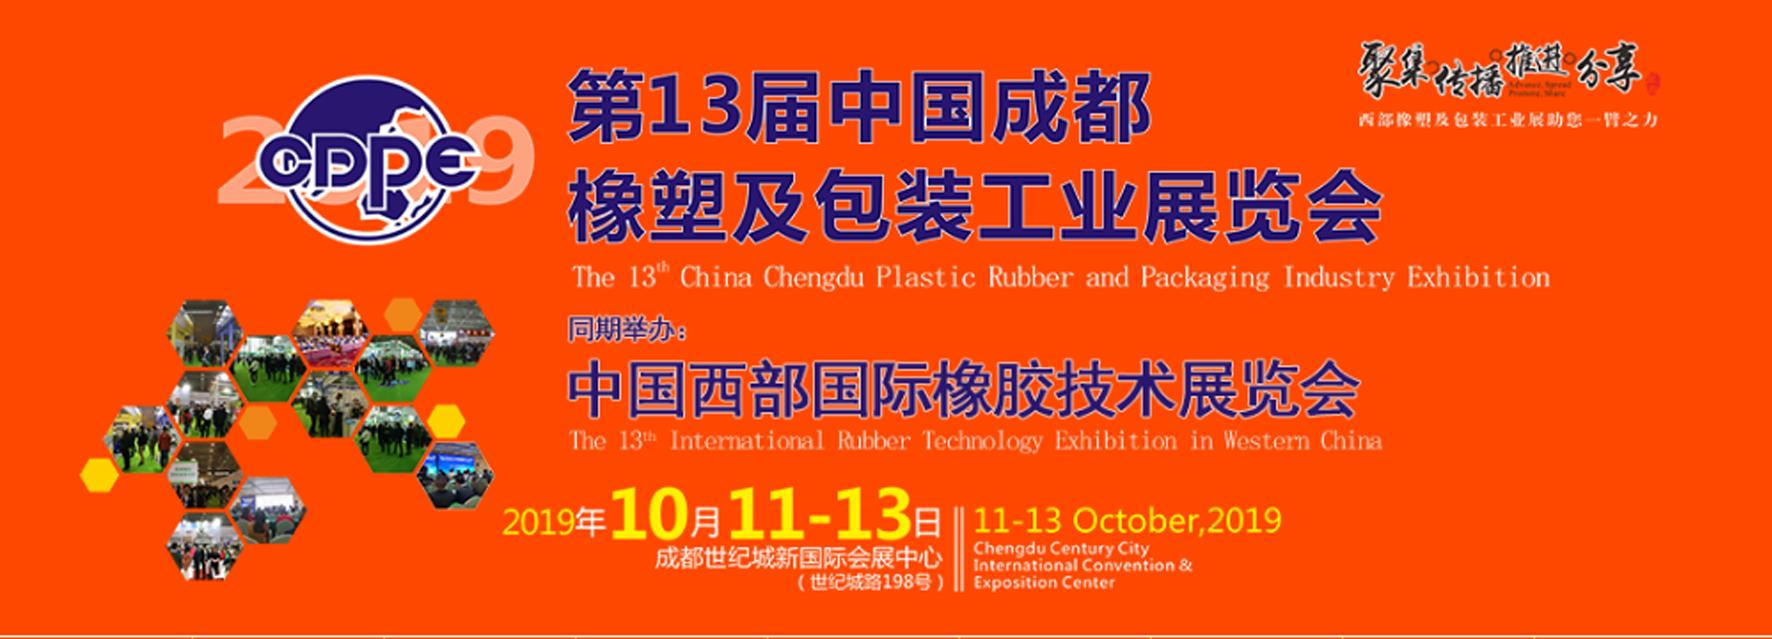 第13届中国成都橡塑及包装工业展览会